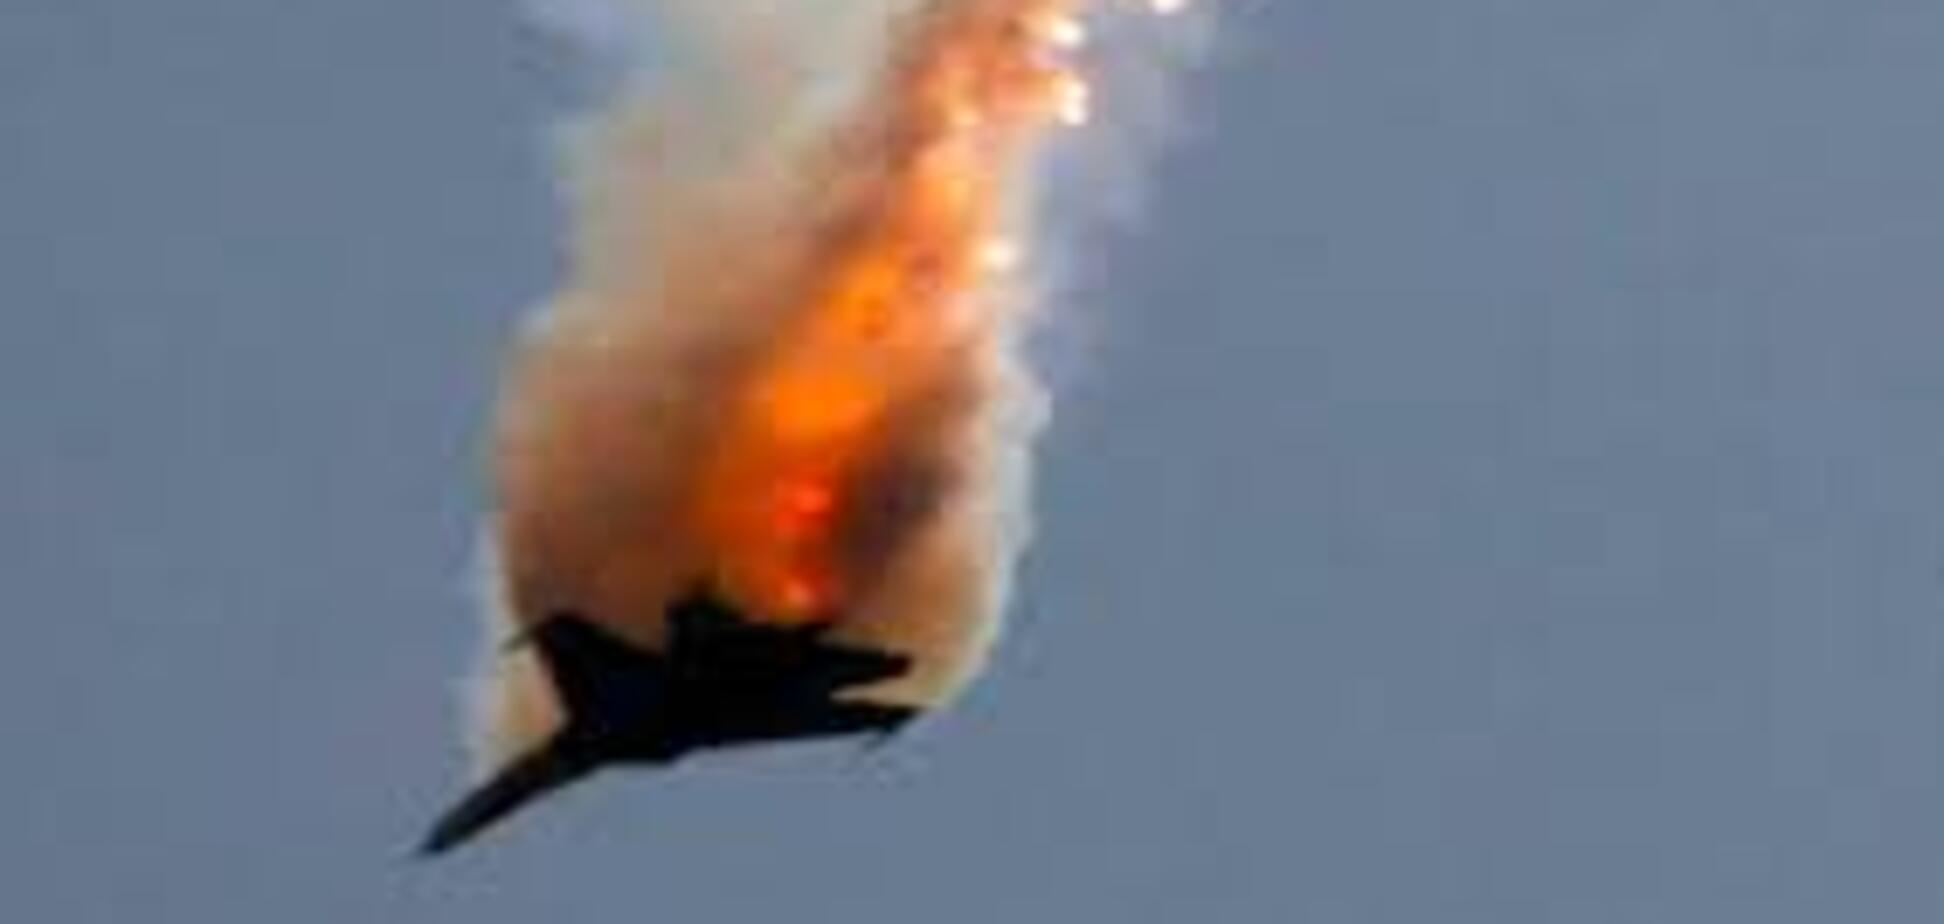 Над Сирією збили турецький безпілотник: всі деталі